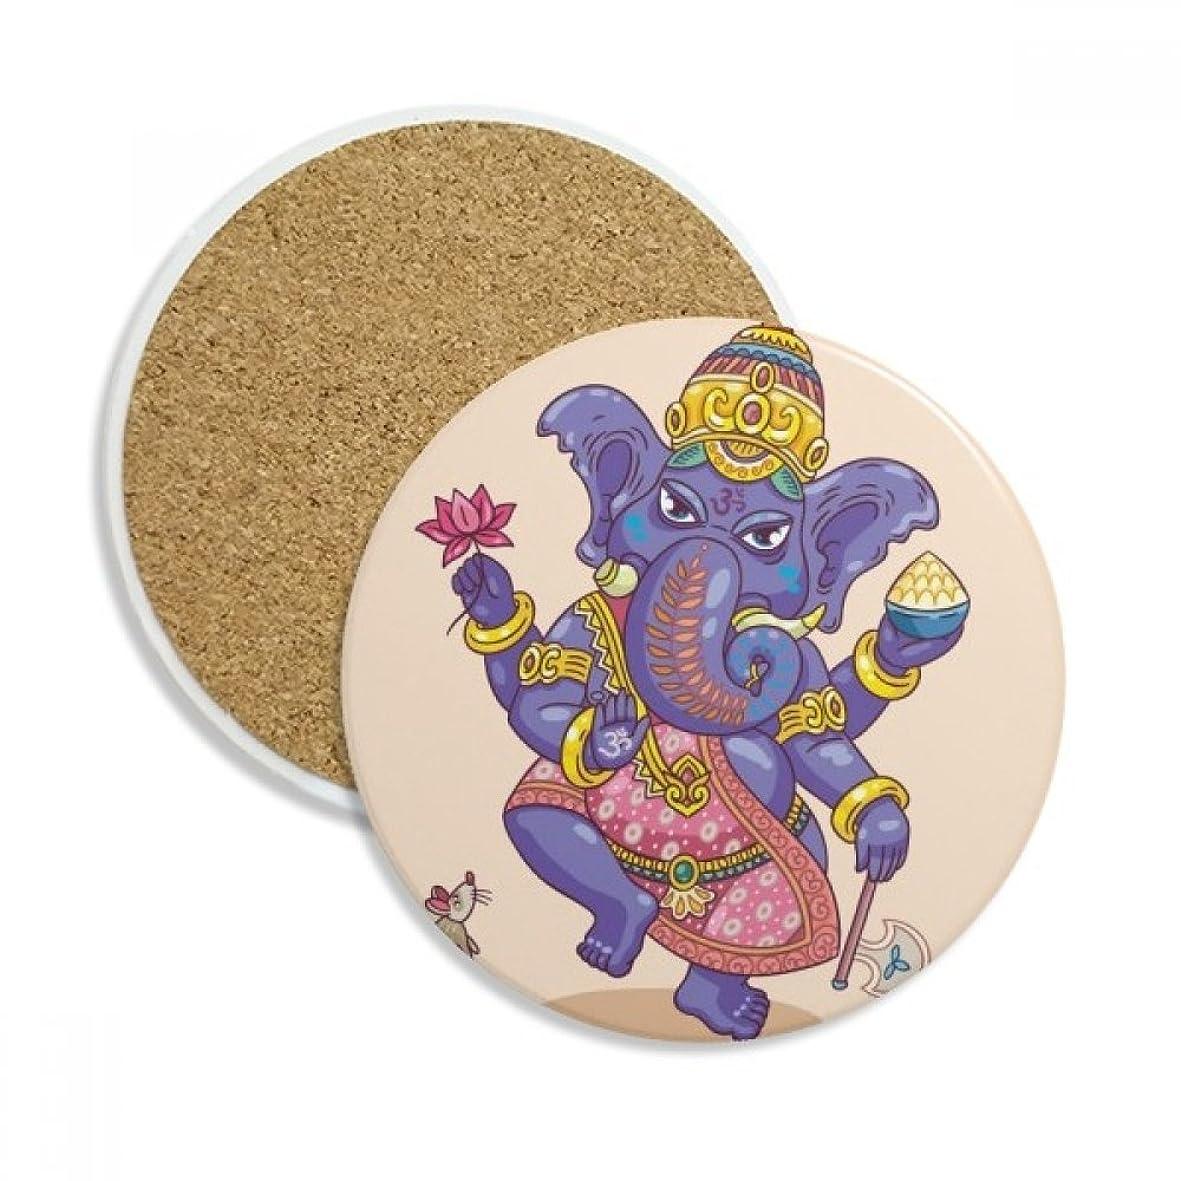 晩ごはん安全仕立て屋仏教の宗教は仏教の象のロータス マグカップギフト2本のための石のドリンクセラミックコースター